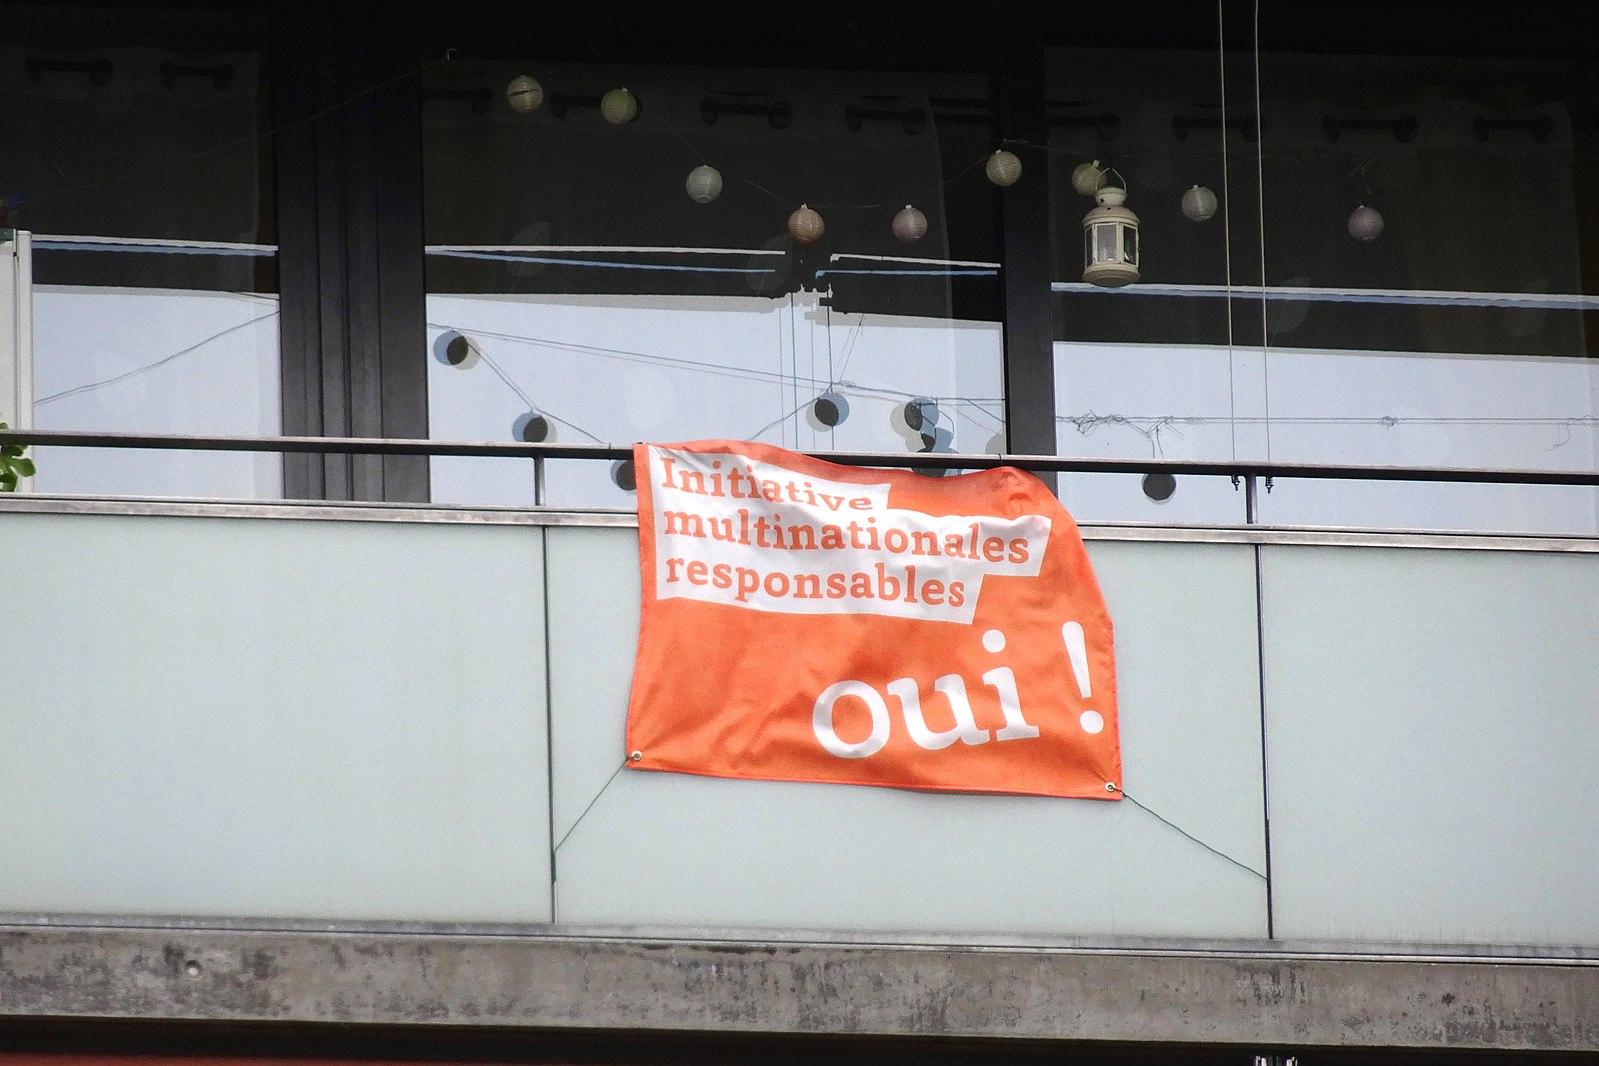 Drapeau en faveur de l'initiative pour des multinationales responsables © Wikimedia Commons ¦ MHM55